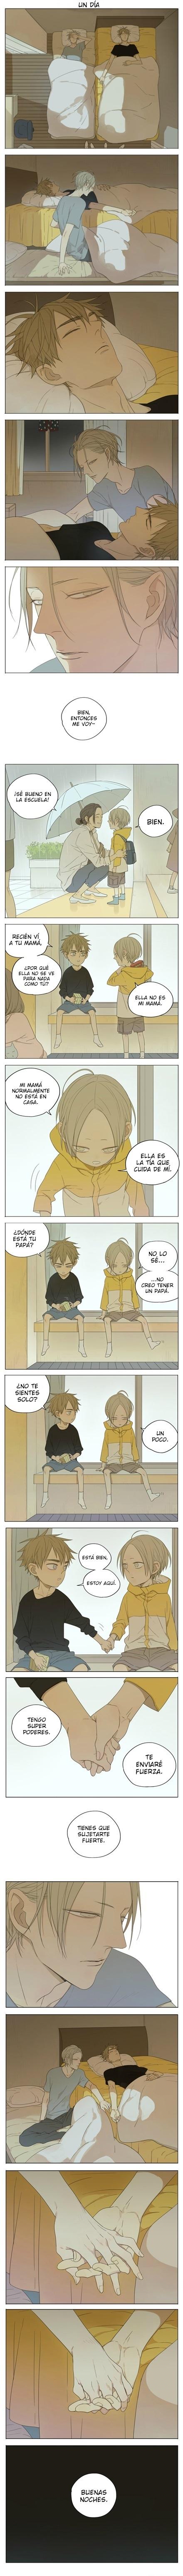 http://c5.ninemanga.com/es_manga/7/15943/381023/15f96ccd7276b4f9e26ab37c81ae4aa1.jpg Page 19